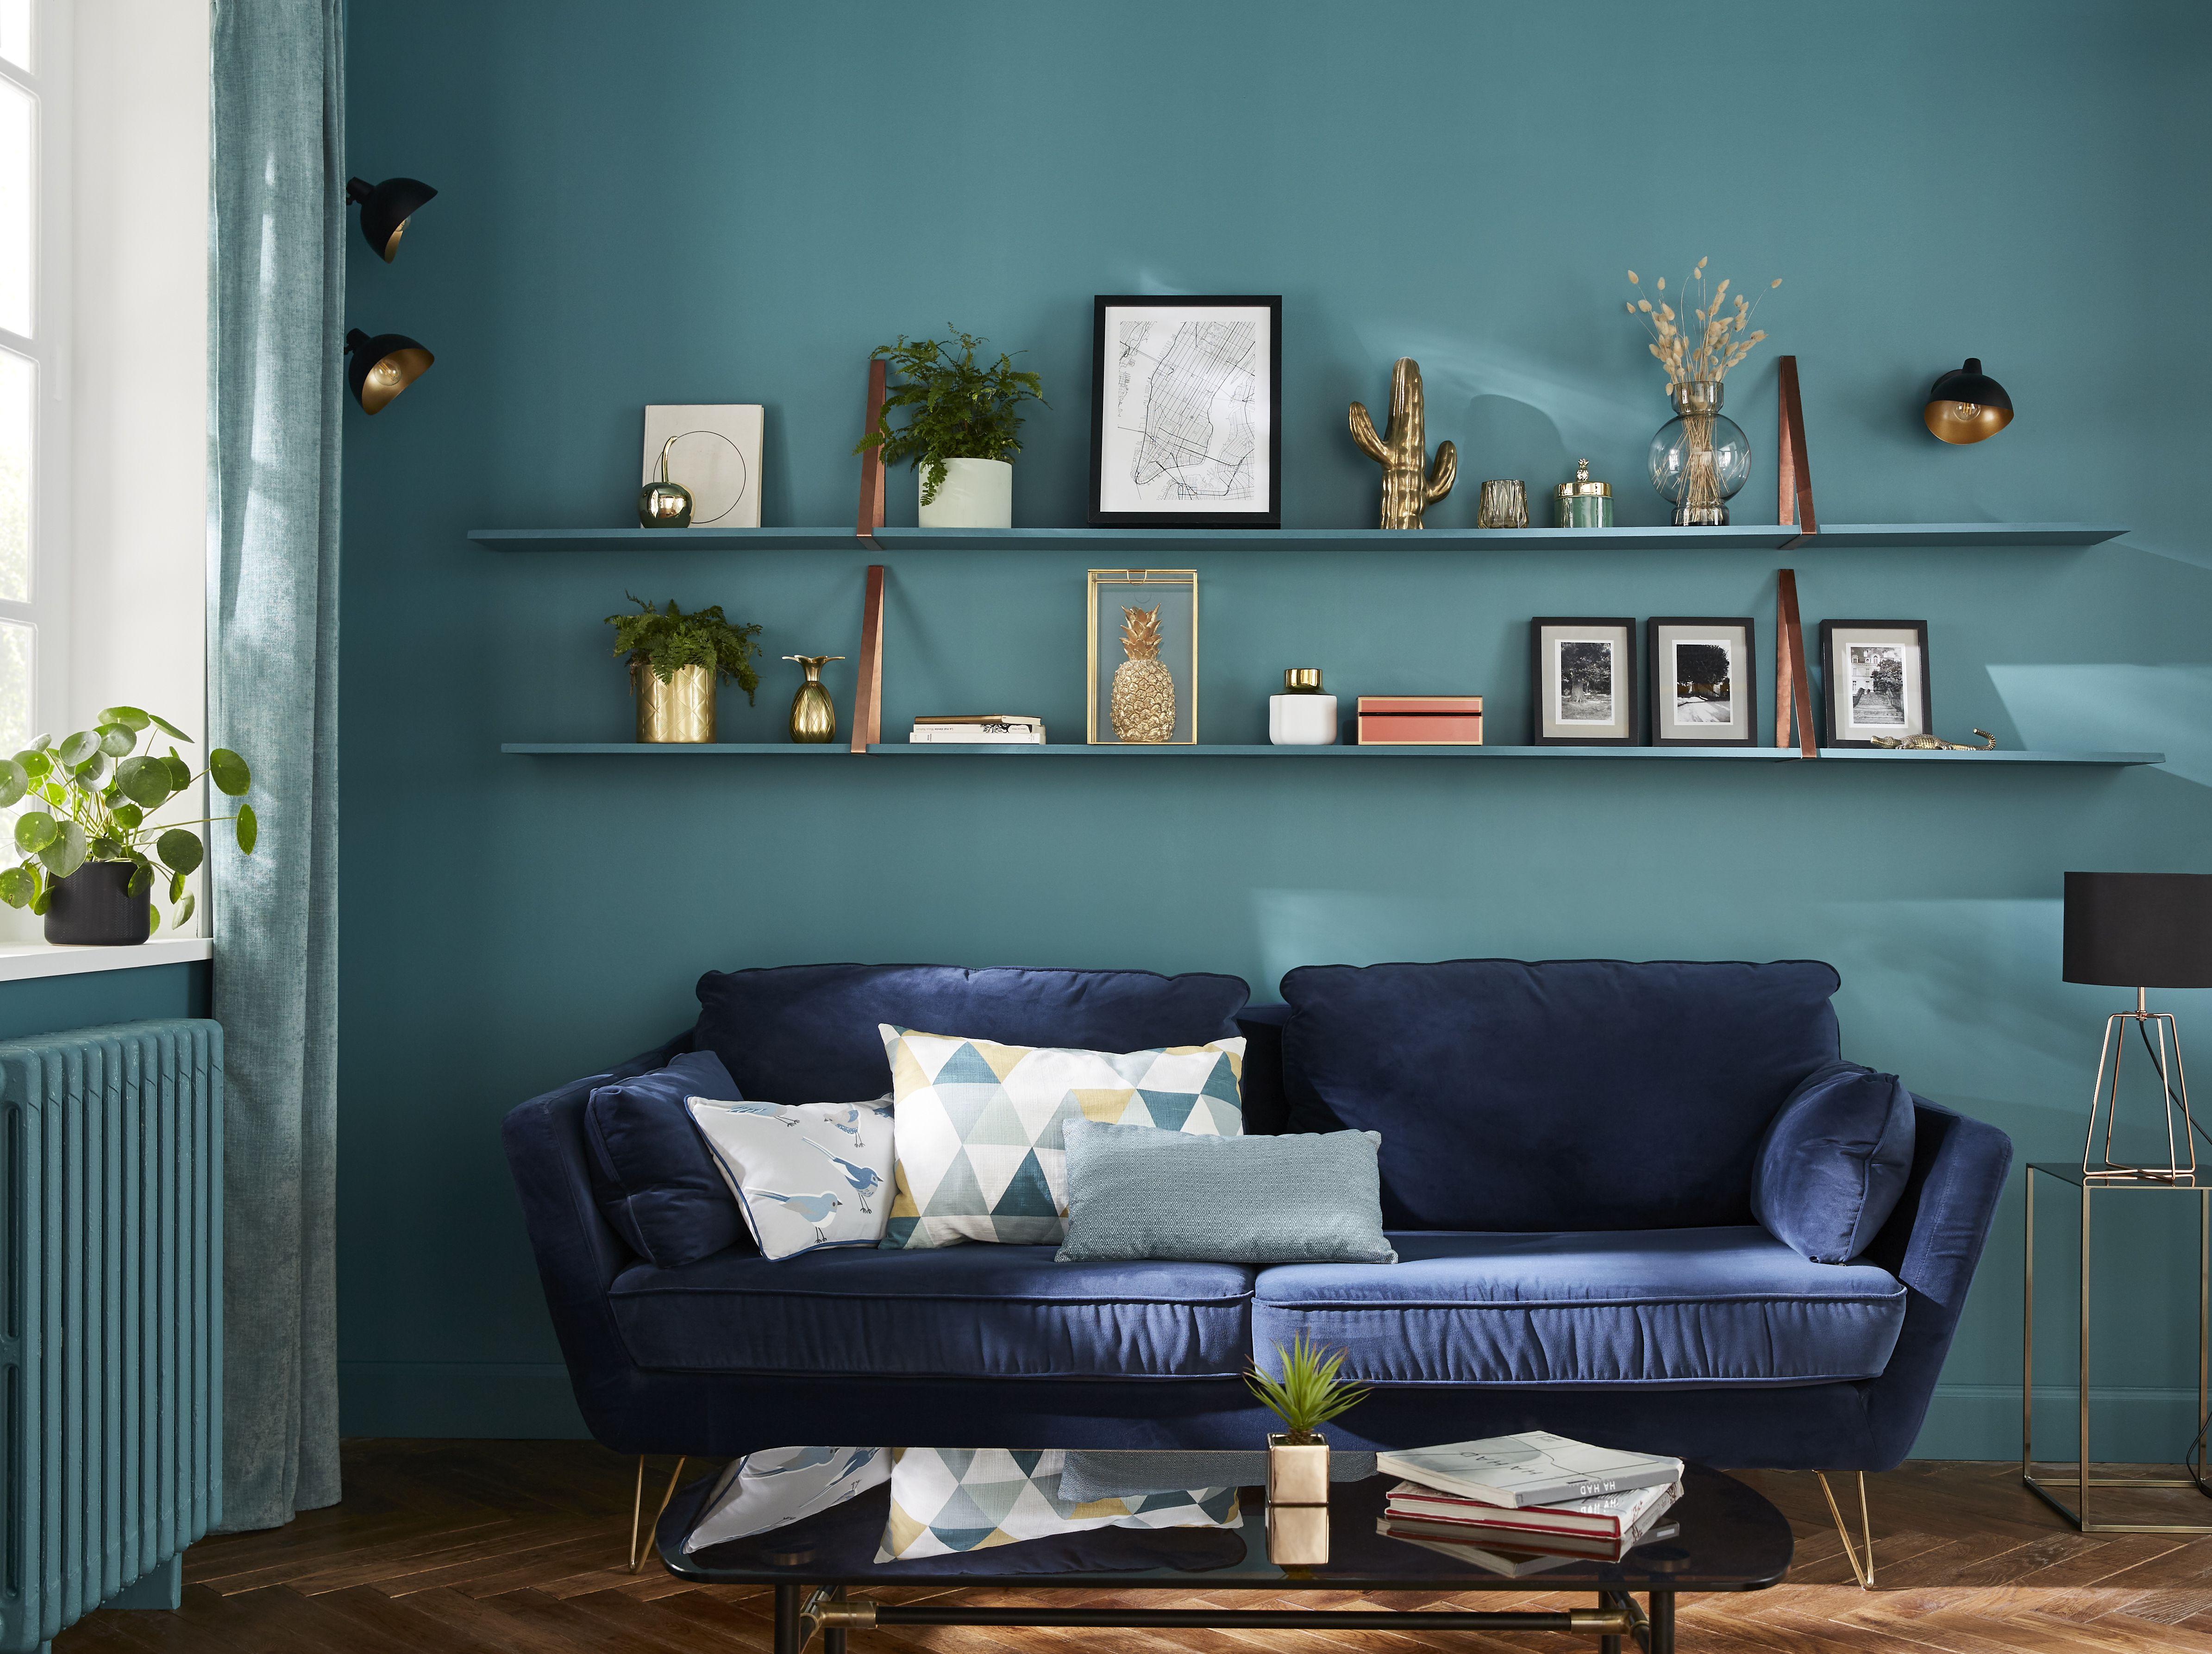 Les Couleurs Chics Donnent Le Ton Pour Une Ambiance Feutree Et Actuelle On Associe Decoration Mur Salon Combinaison De Couleurs Salon Decoration Salon Vert